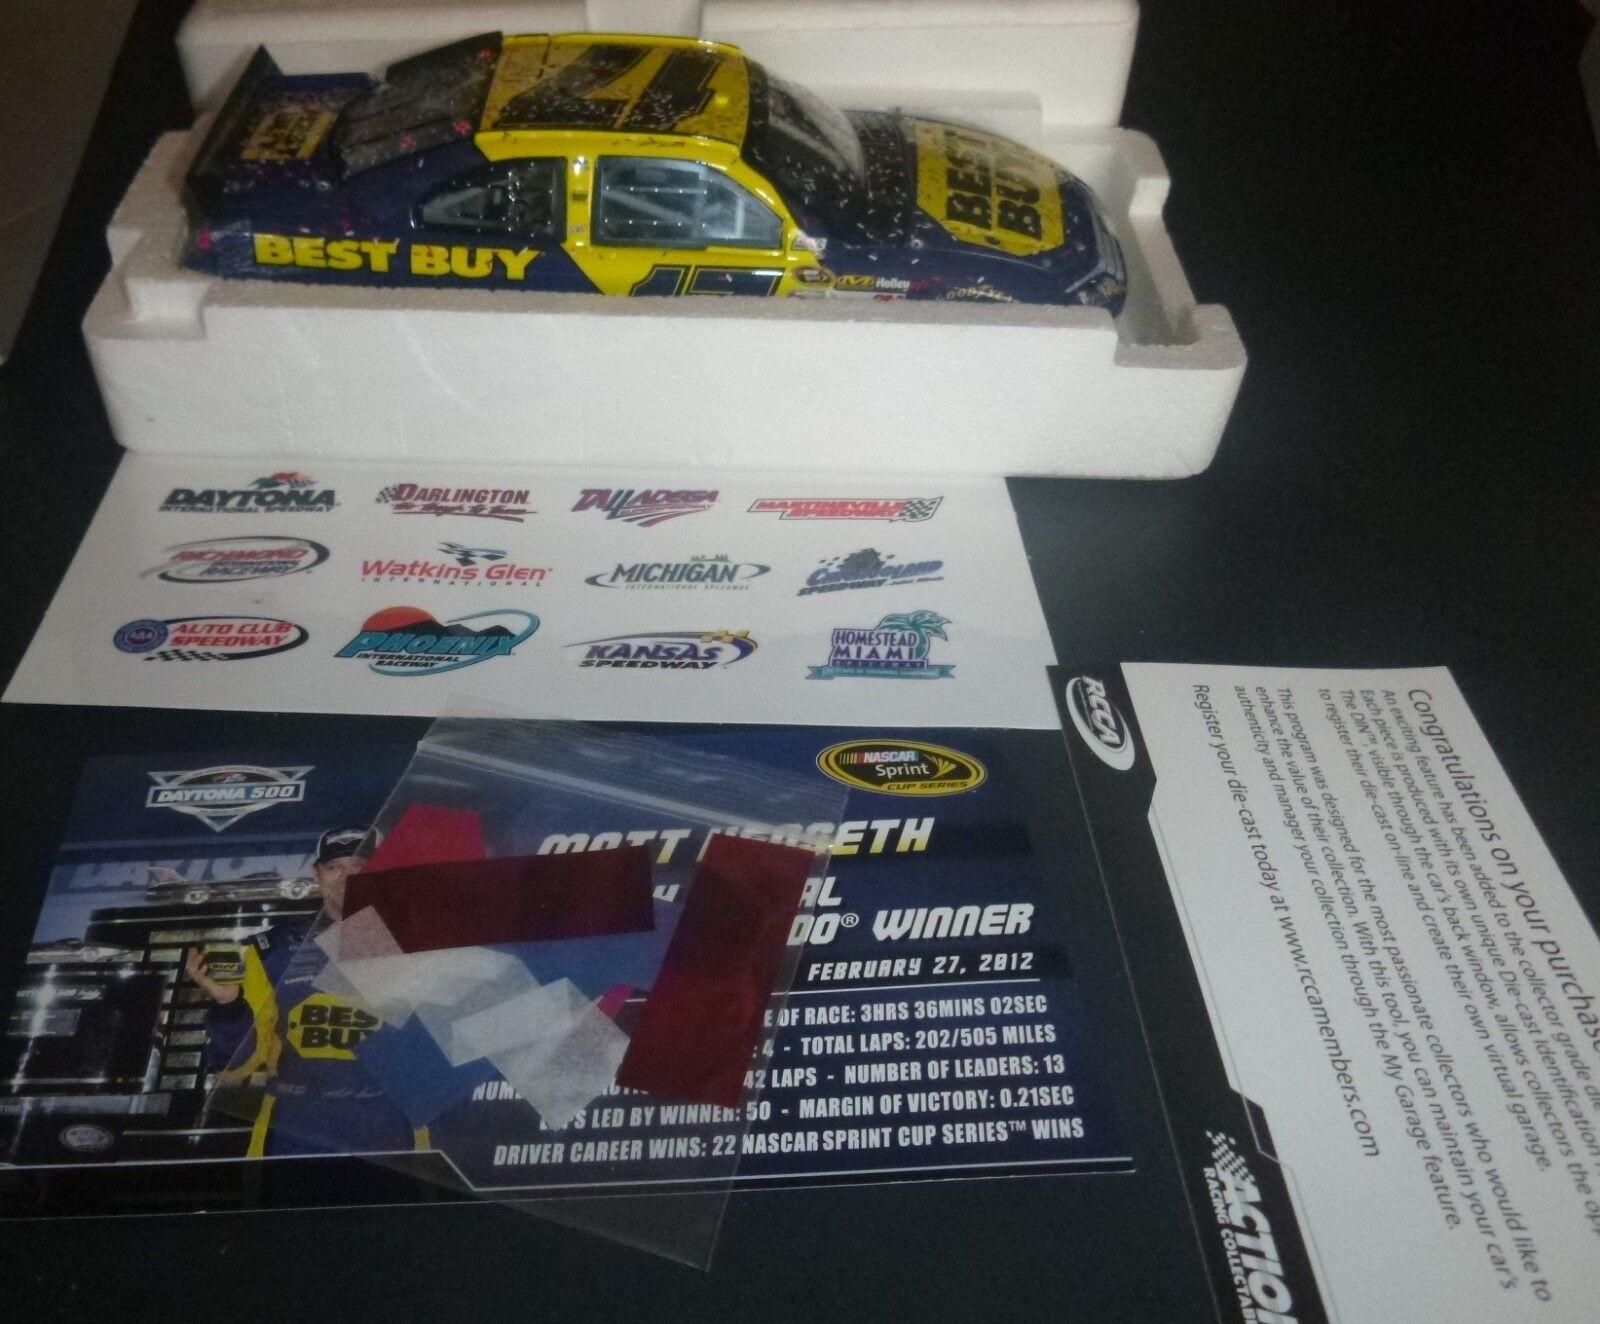 ahorra hasta un 70% 2012 Acción Mate Kenseth 17 Ford Fusion Fusion Fusion Mejor Compra Daytona Ganador Fusion 1 24  tienda en linea